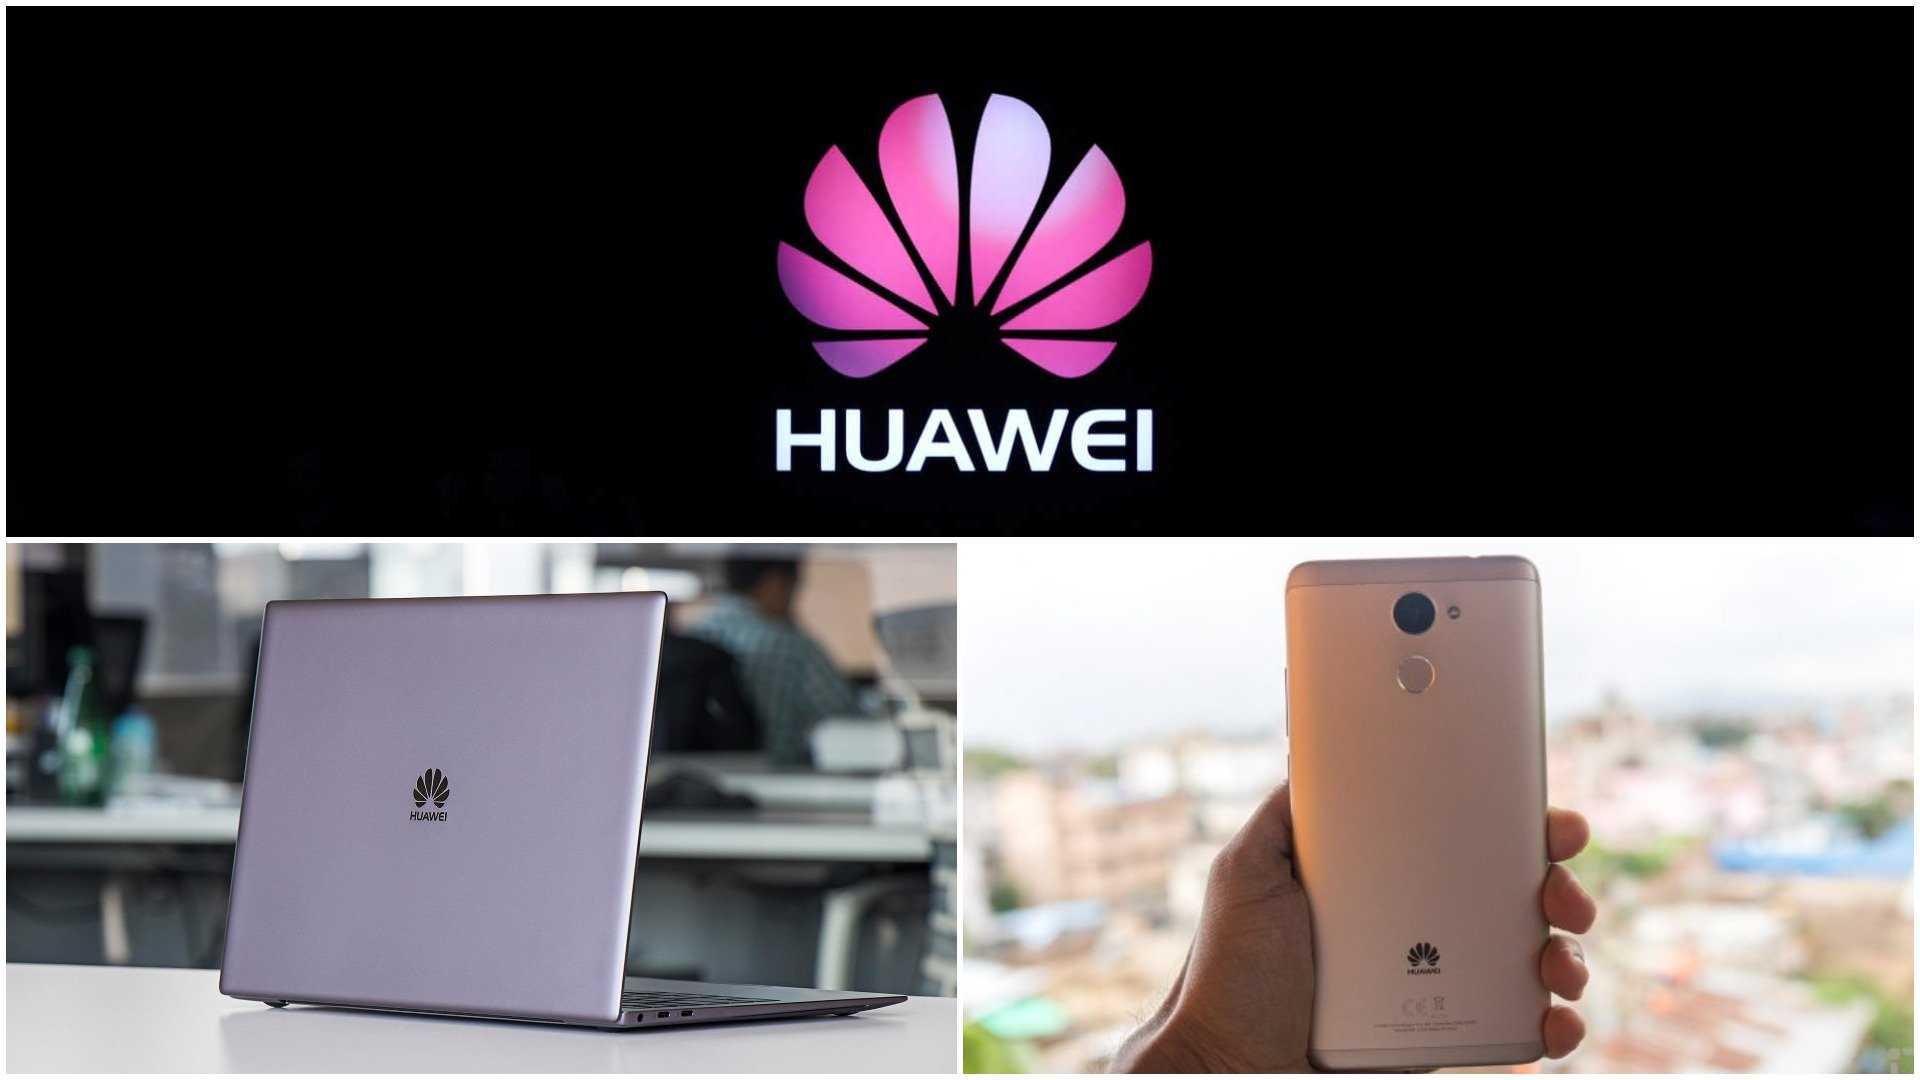 Huawei выпустила ос c открытым кодом на замену android - cnews